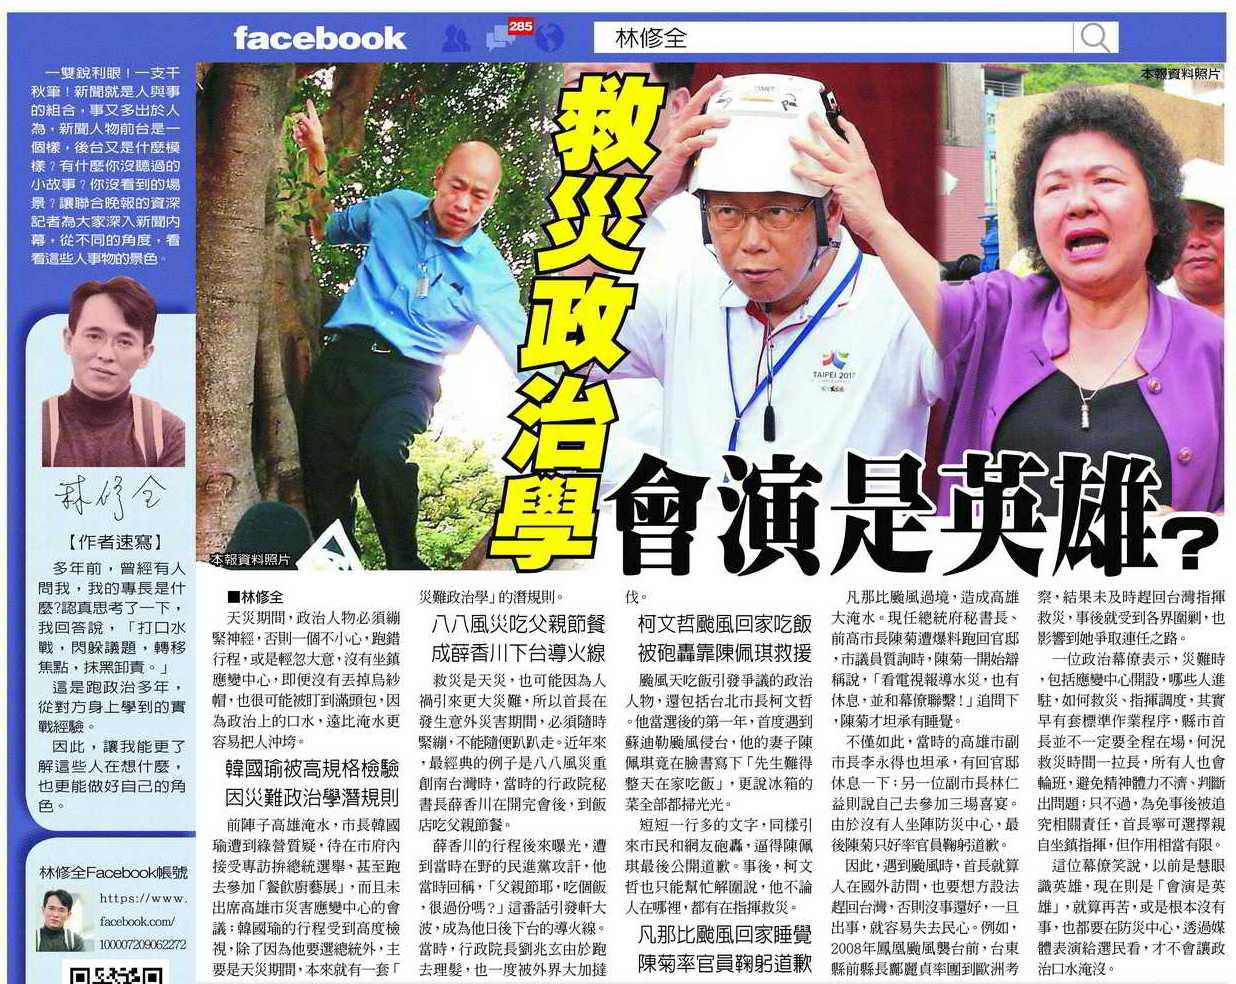 7月28日私房新聞,災難政治學的「會演是英雄」見刊。 圖/聯合報系資料照片